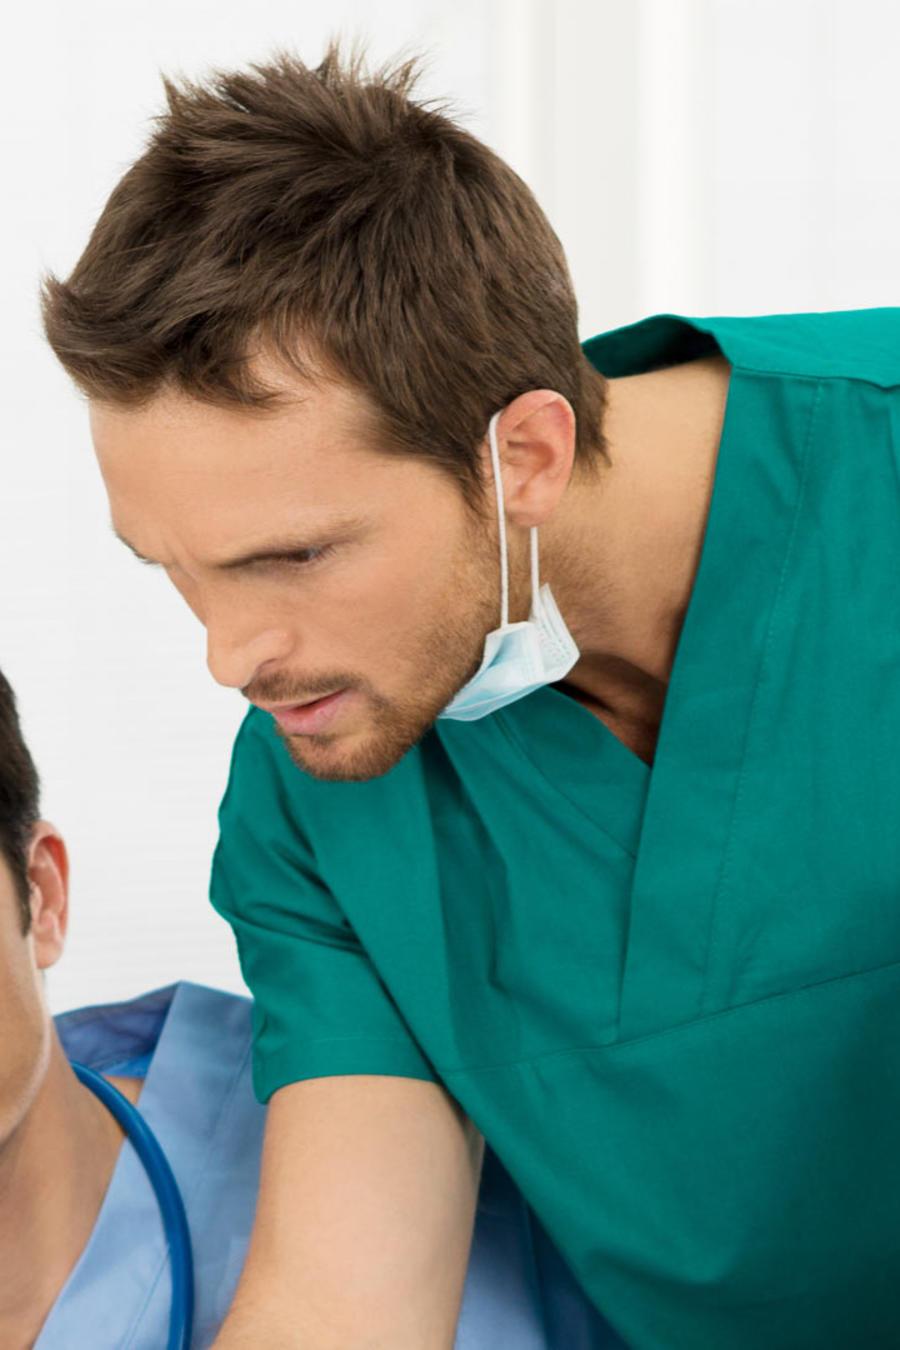 enfermero con medicos